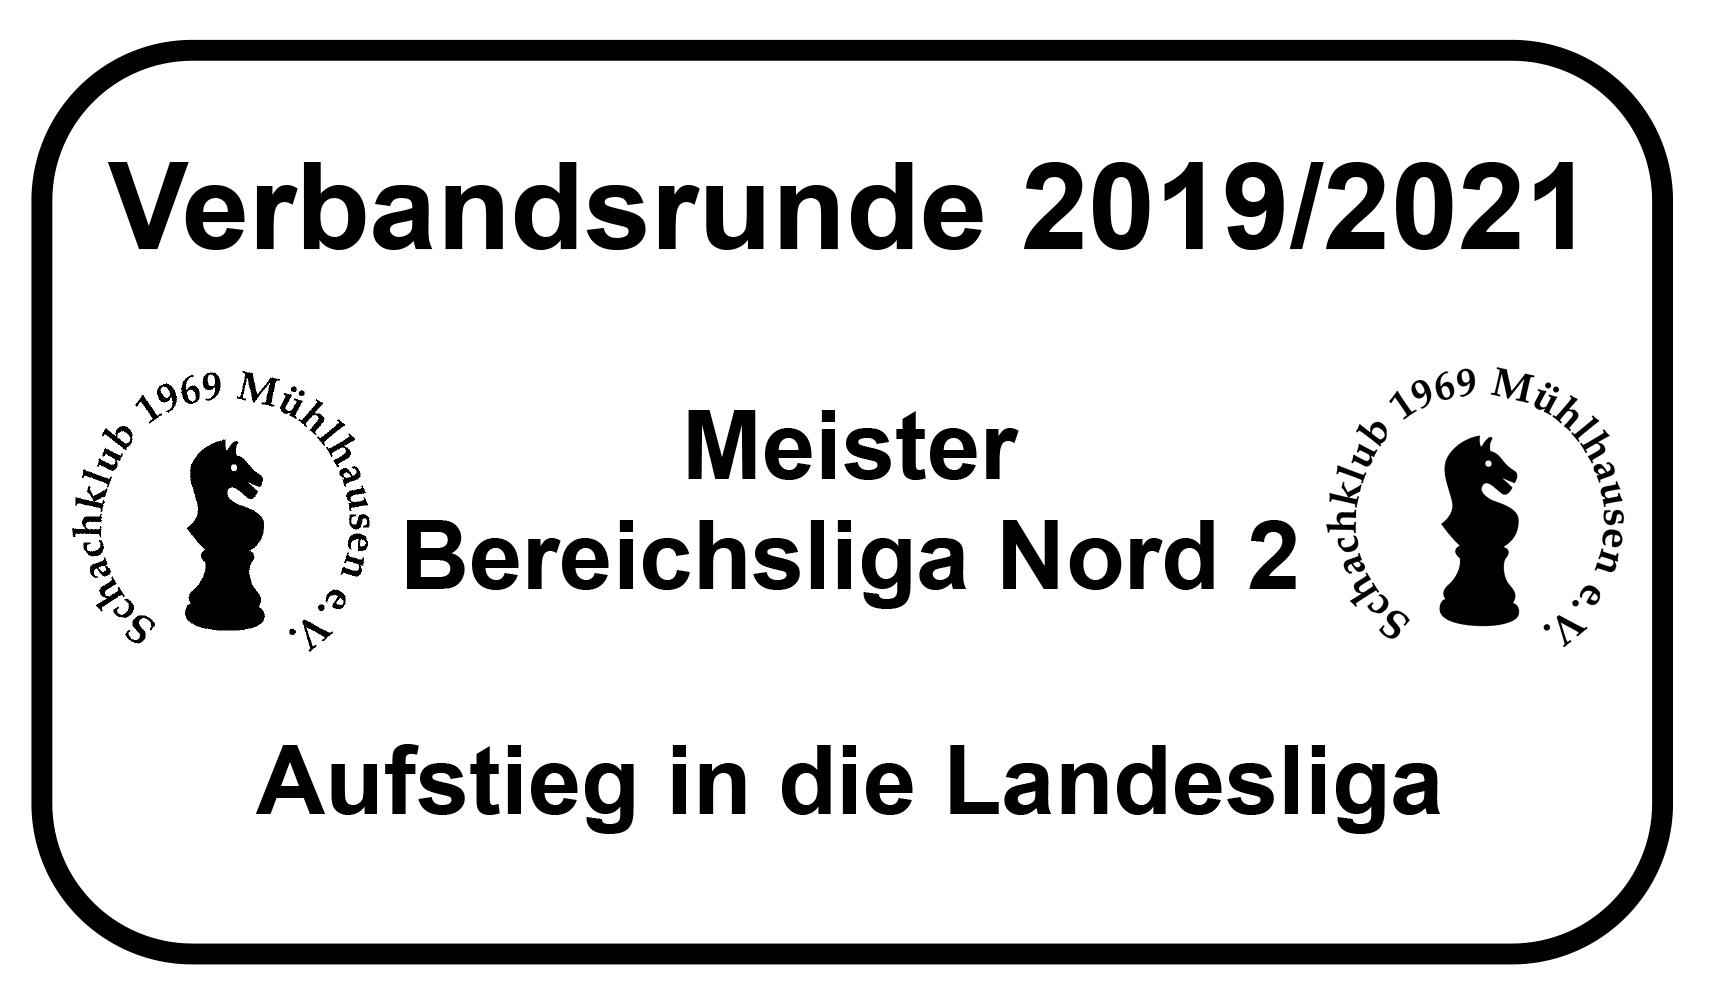 Verbandsrunde 2019/2021 - Meister Bereichsliga Nord 2